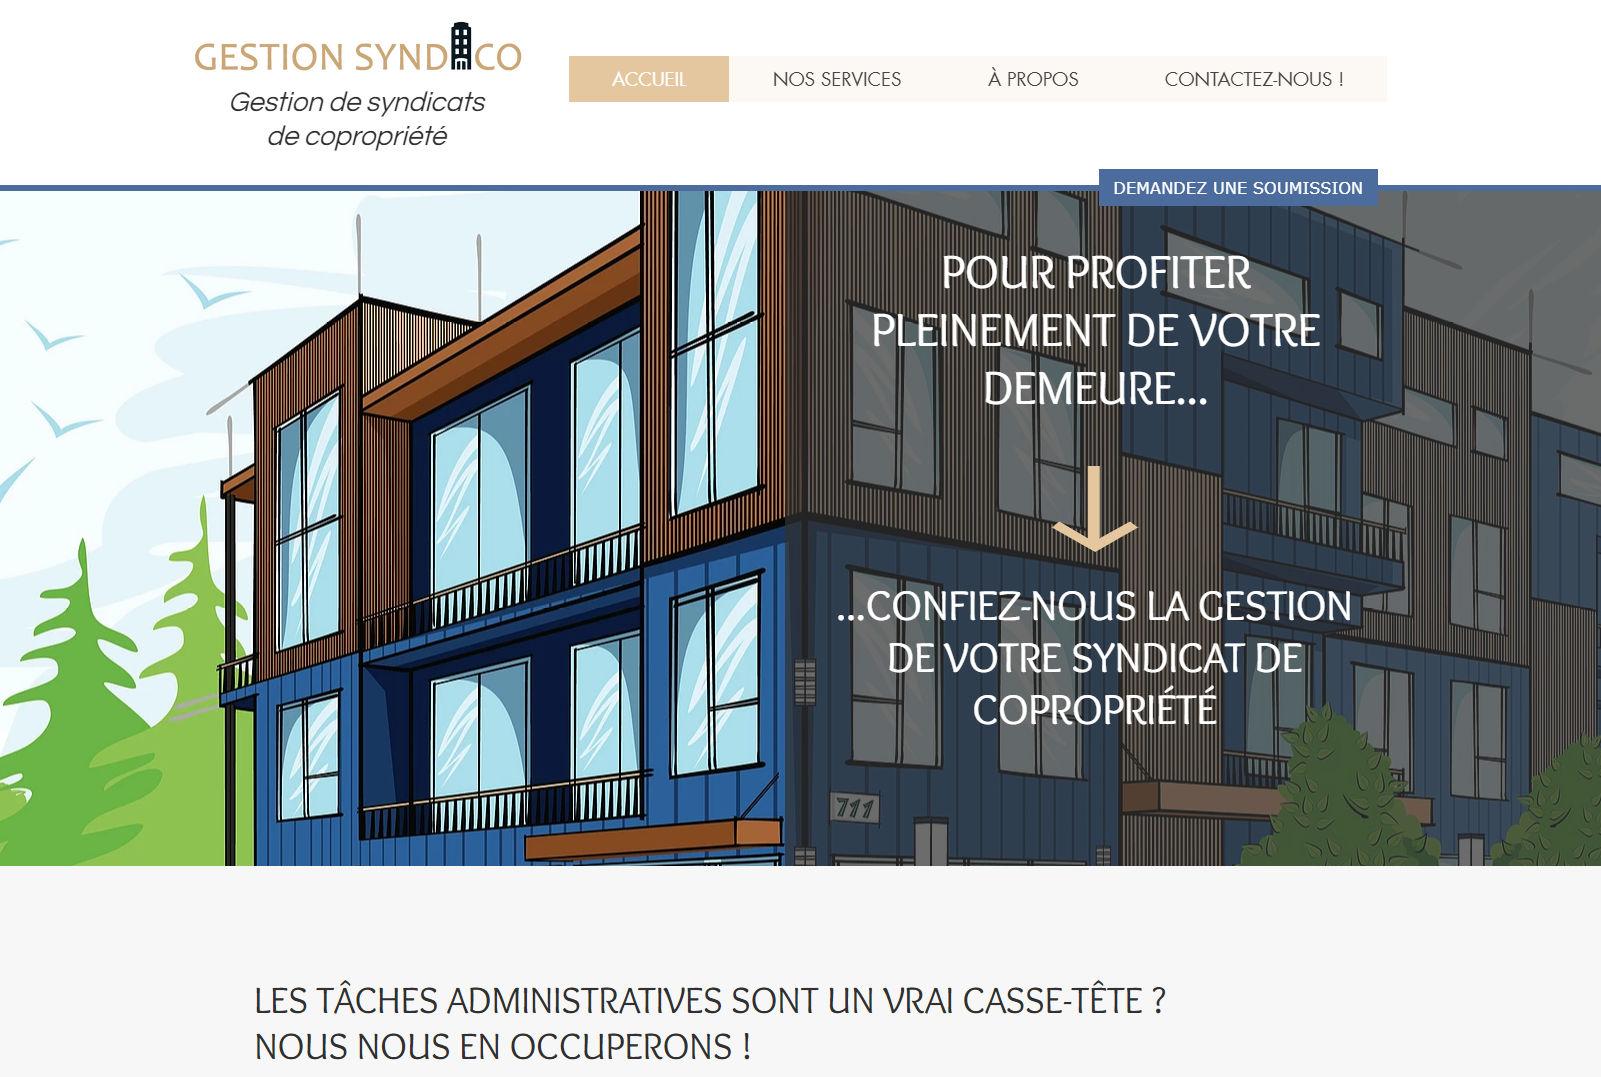 Gestion Syndico - Québec